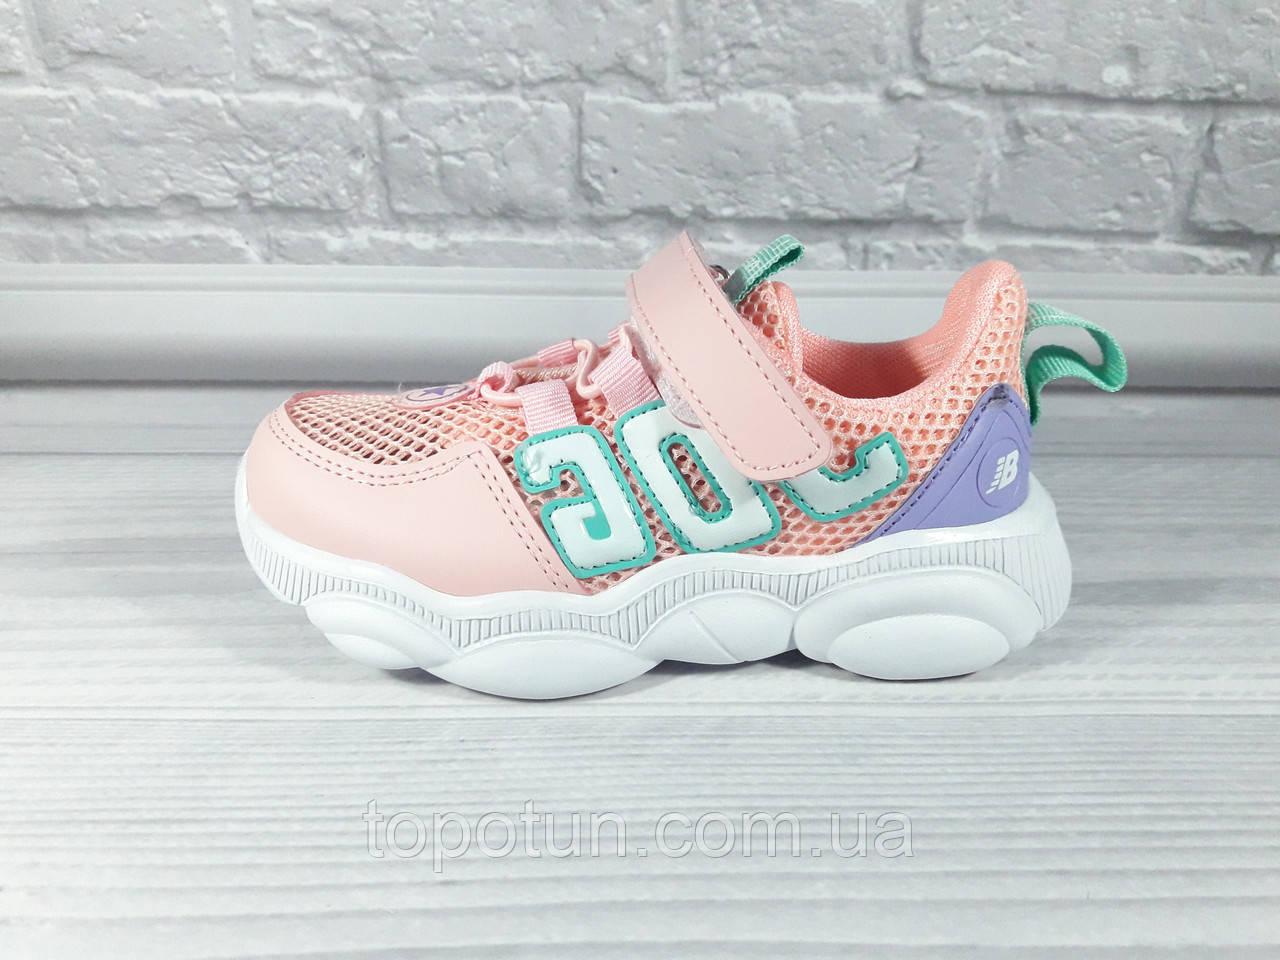 """Детские кроссовки для девочки """"Lilin shoes"""" Размер: 26,27"""